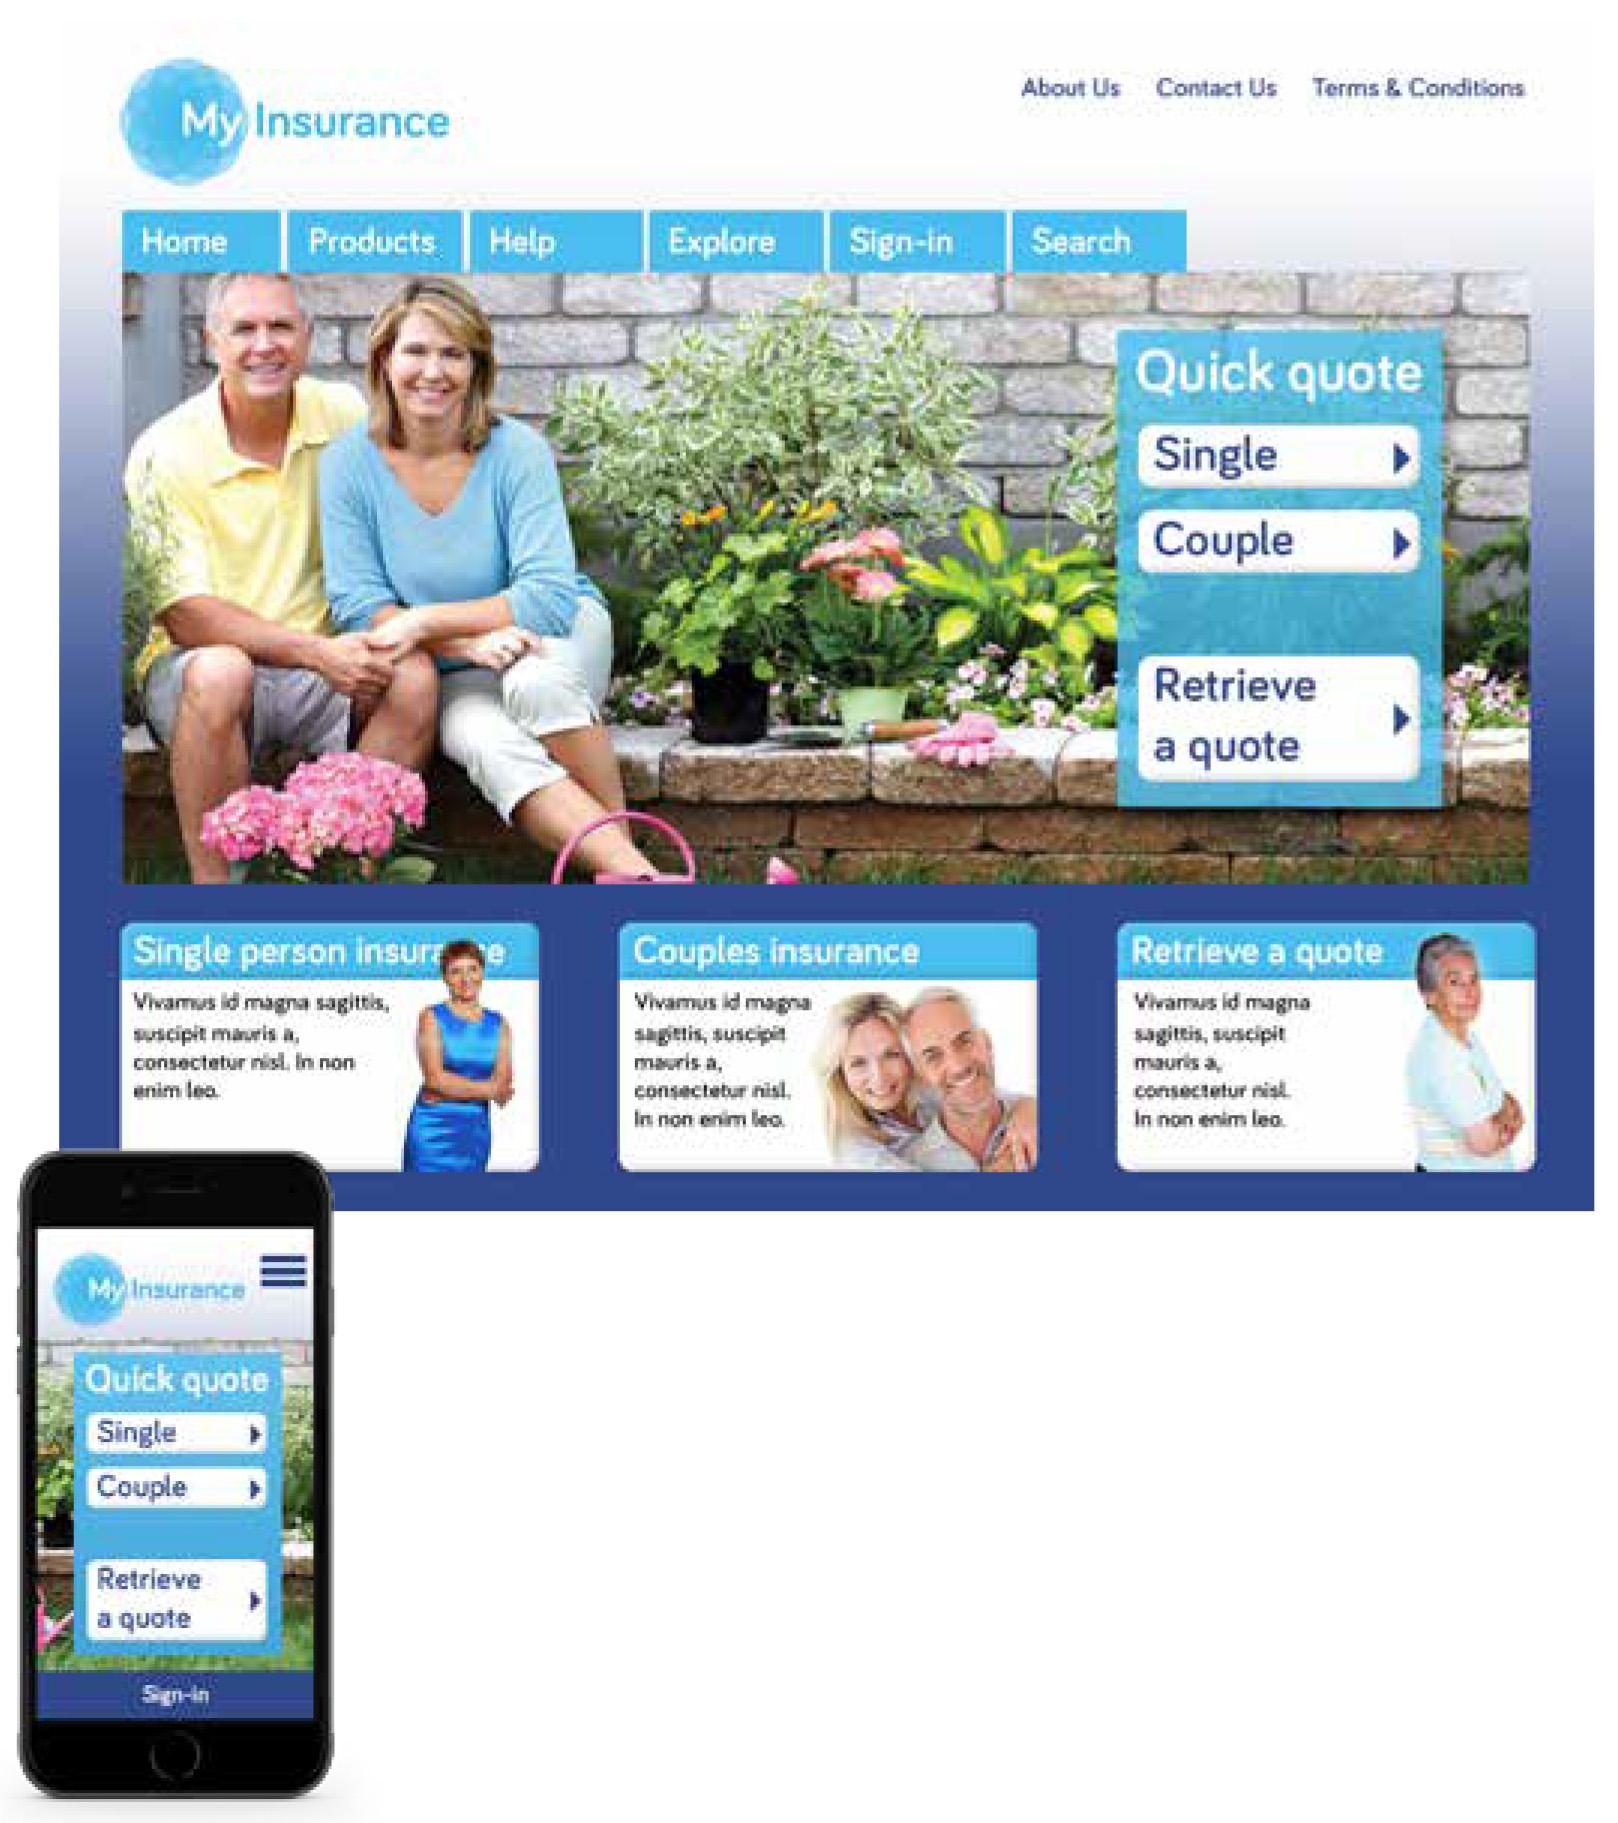 myInsurance Web Page